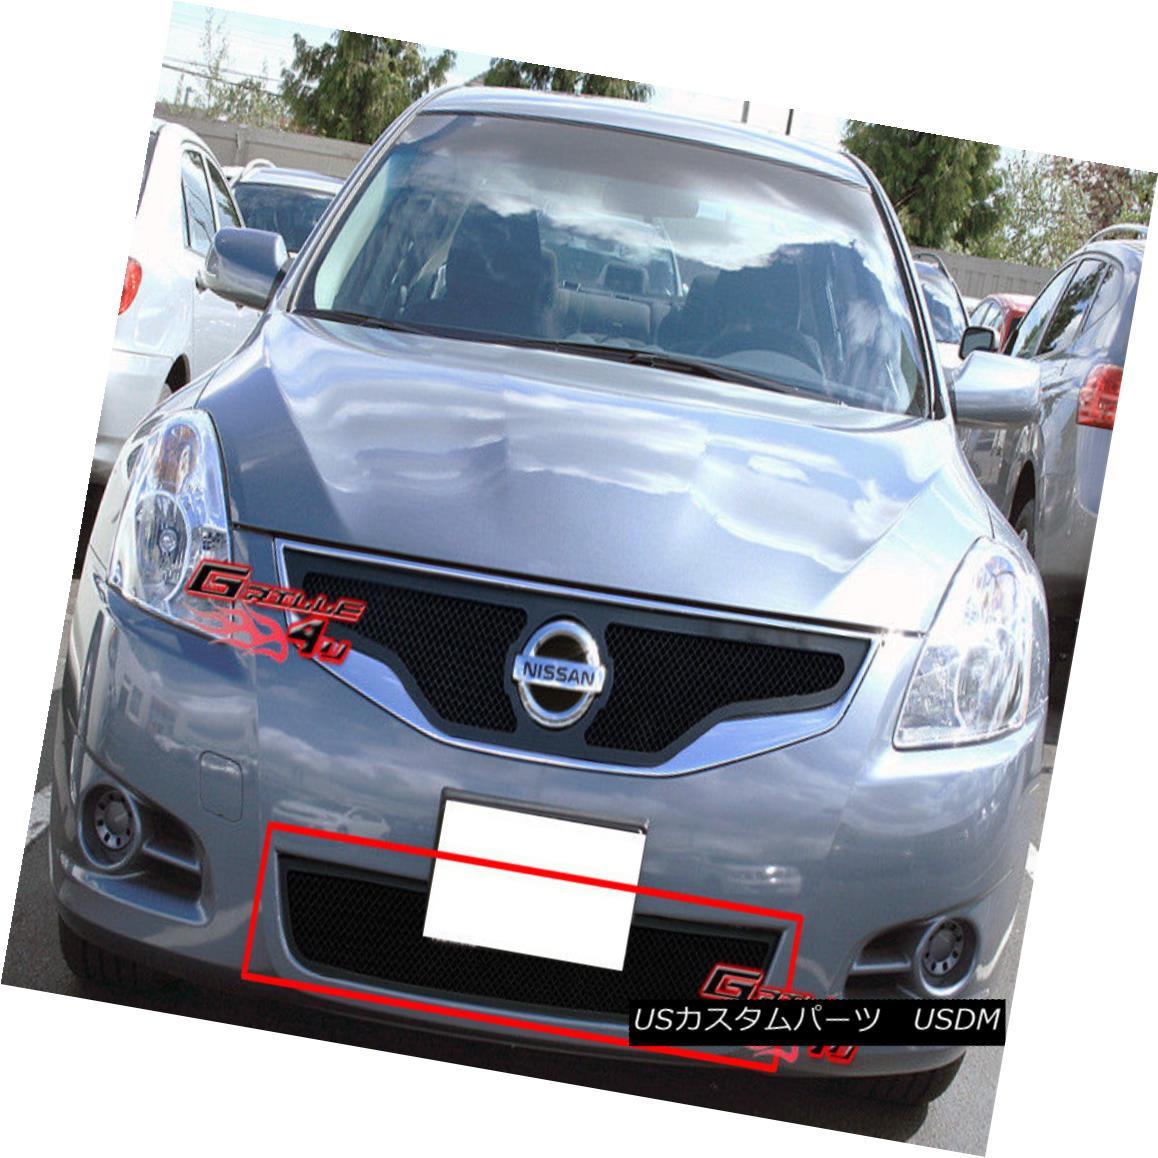 グリル For 10-12 2012 Nissan Altima Coupe Bumper Black Mesh Grille 2012年10月12日日産アルティマクーペバンパー黒メッシュグリル